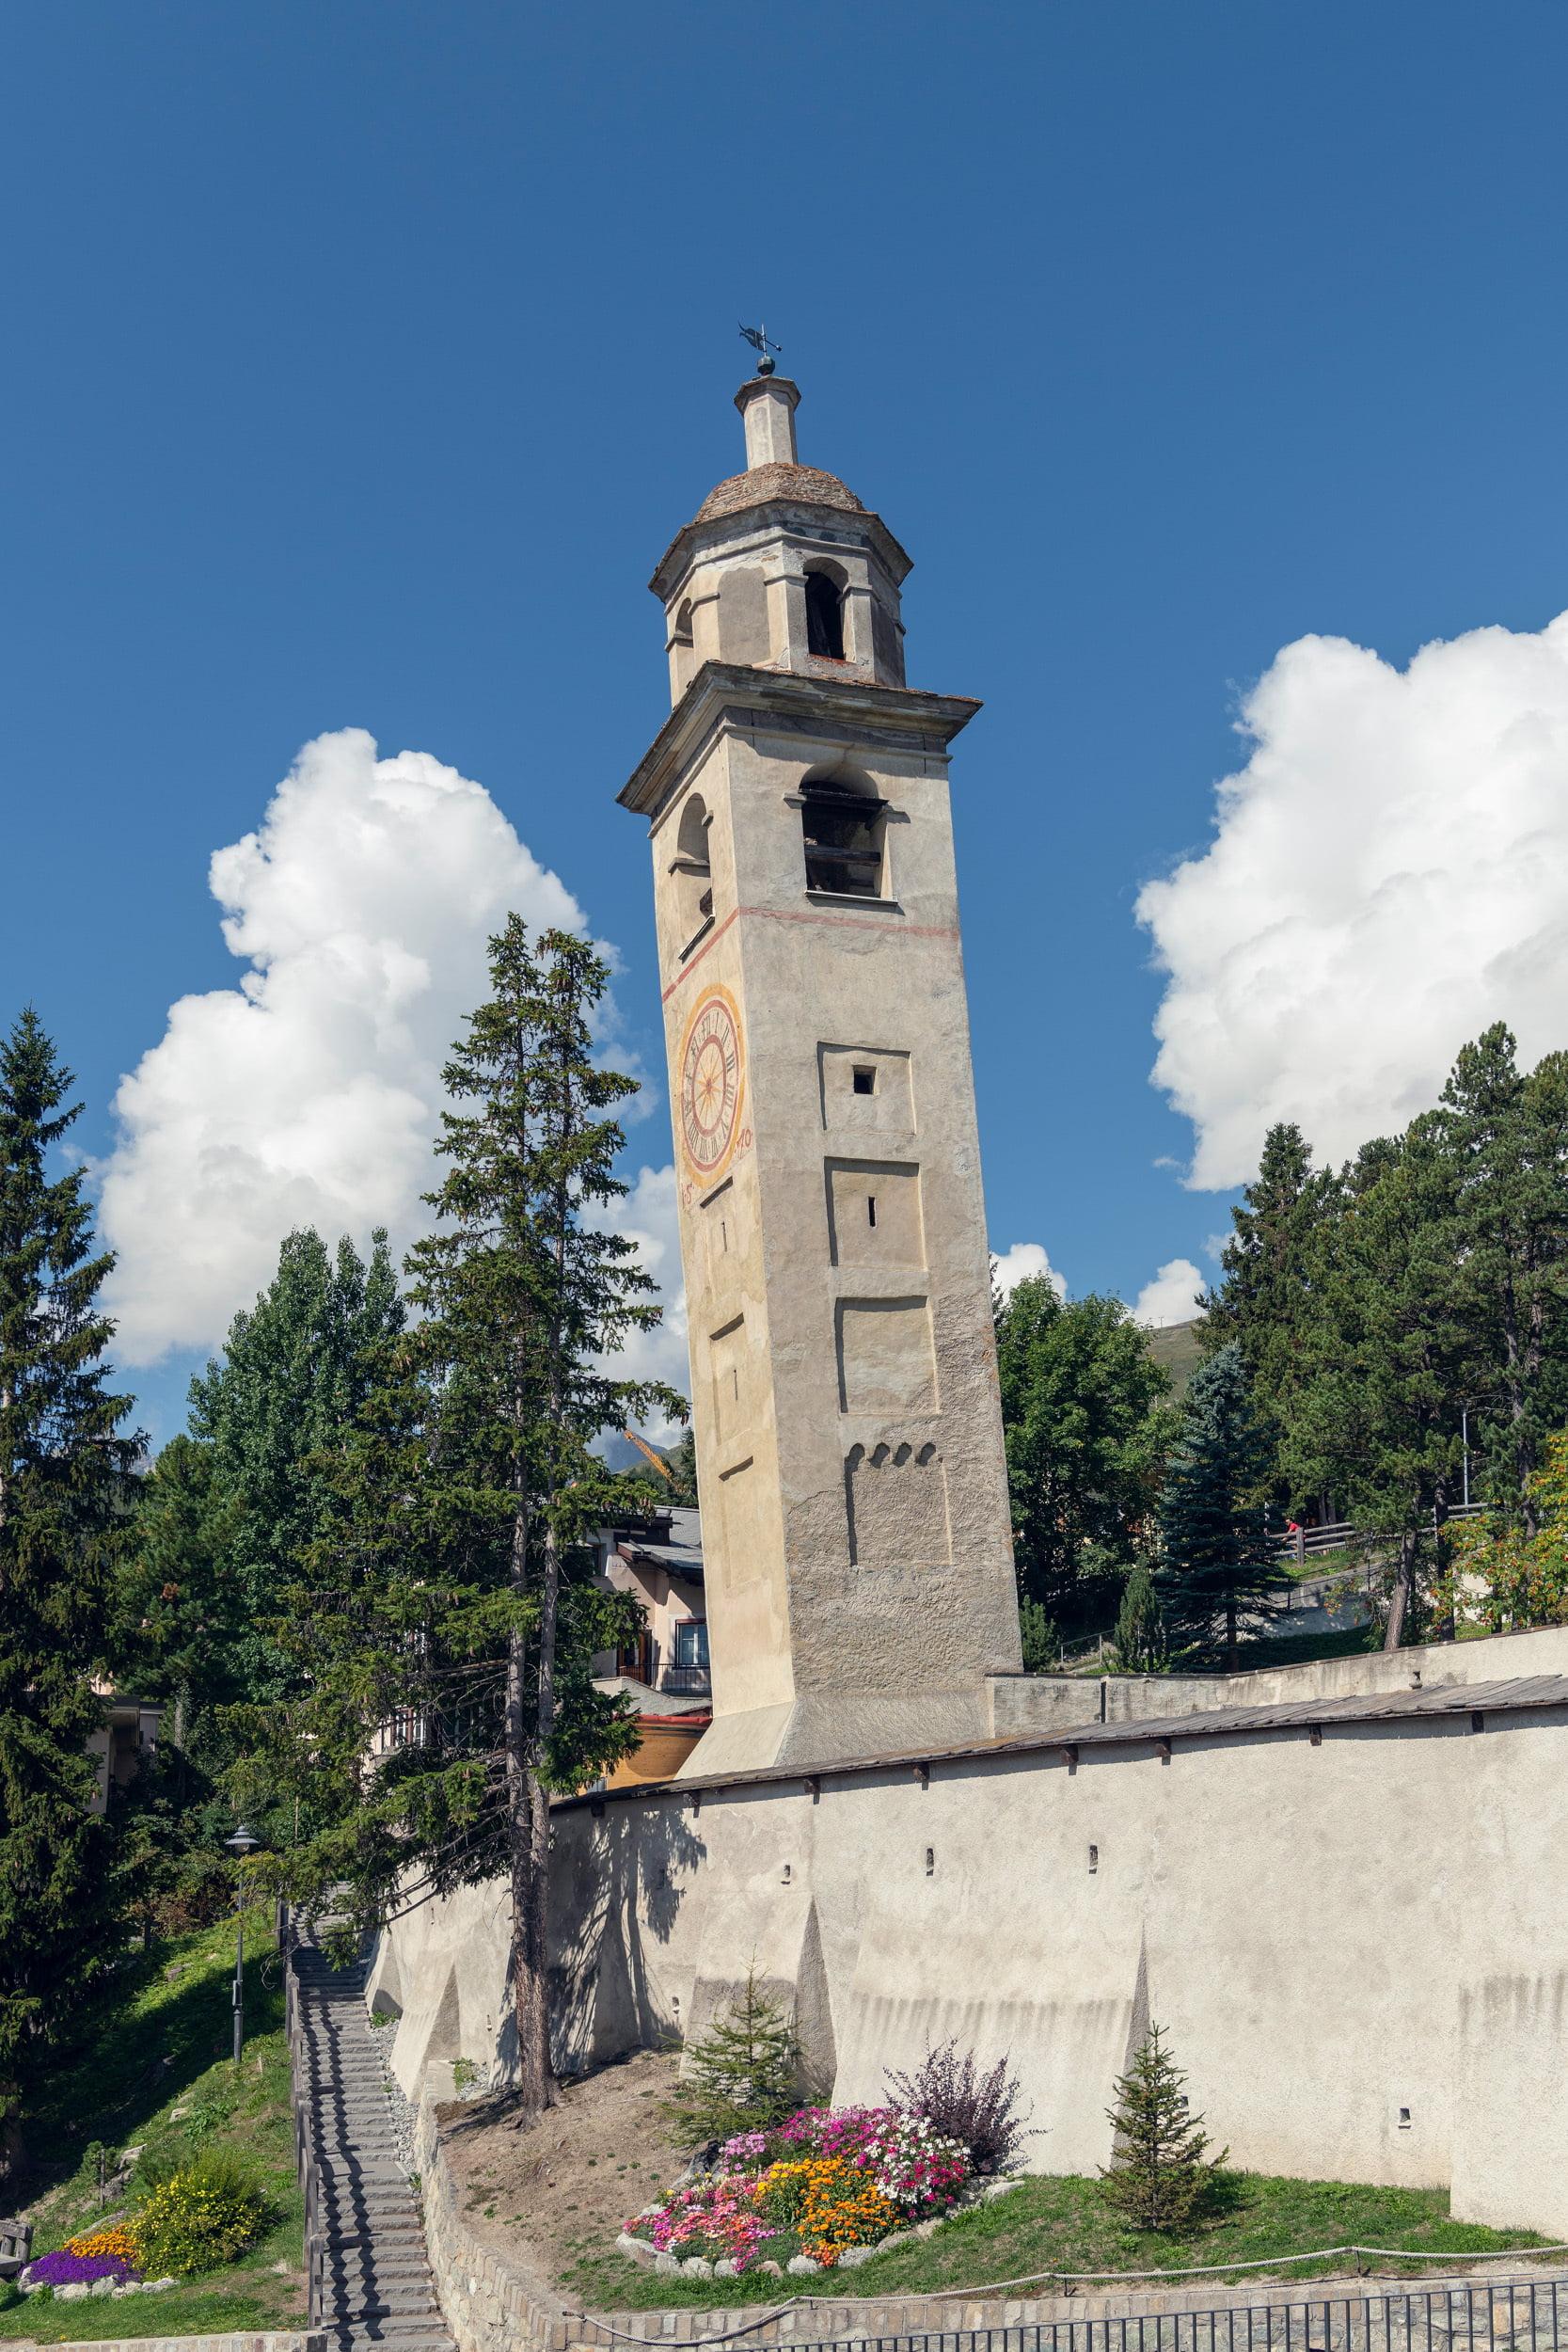 Bell tower of St. Moritz